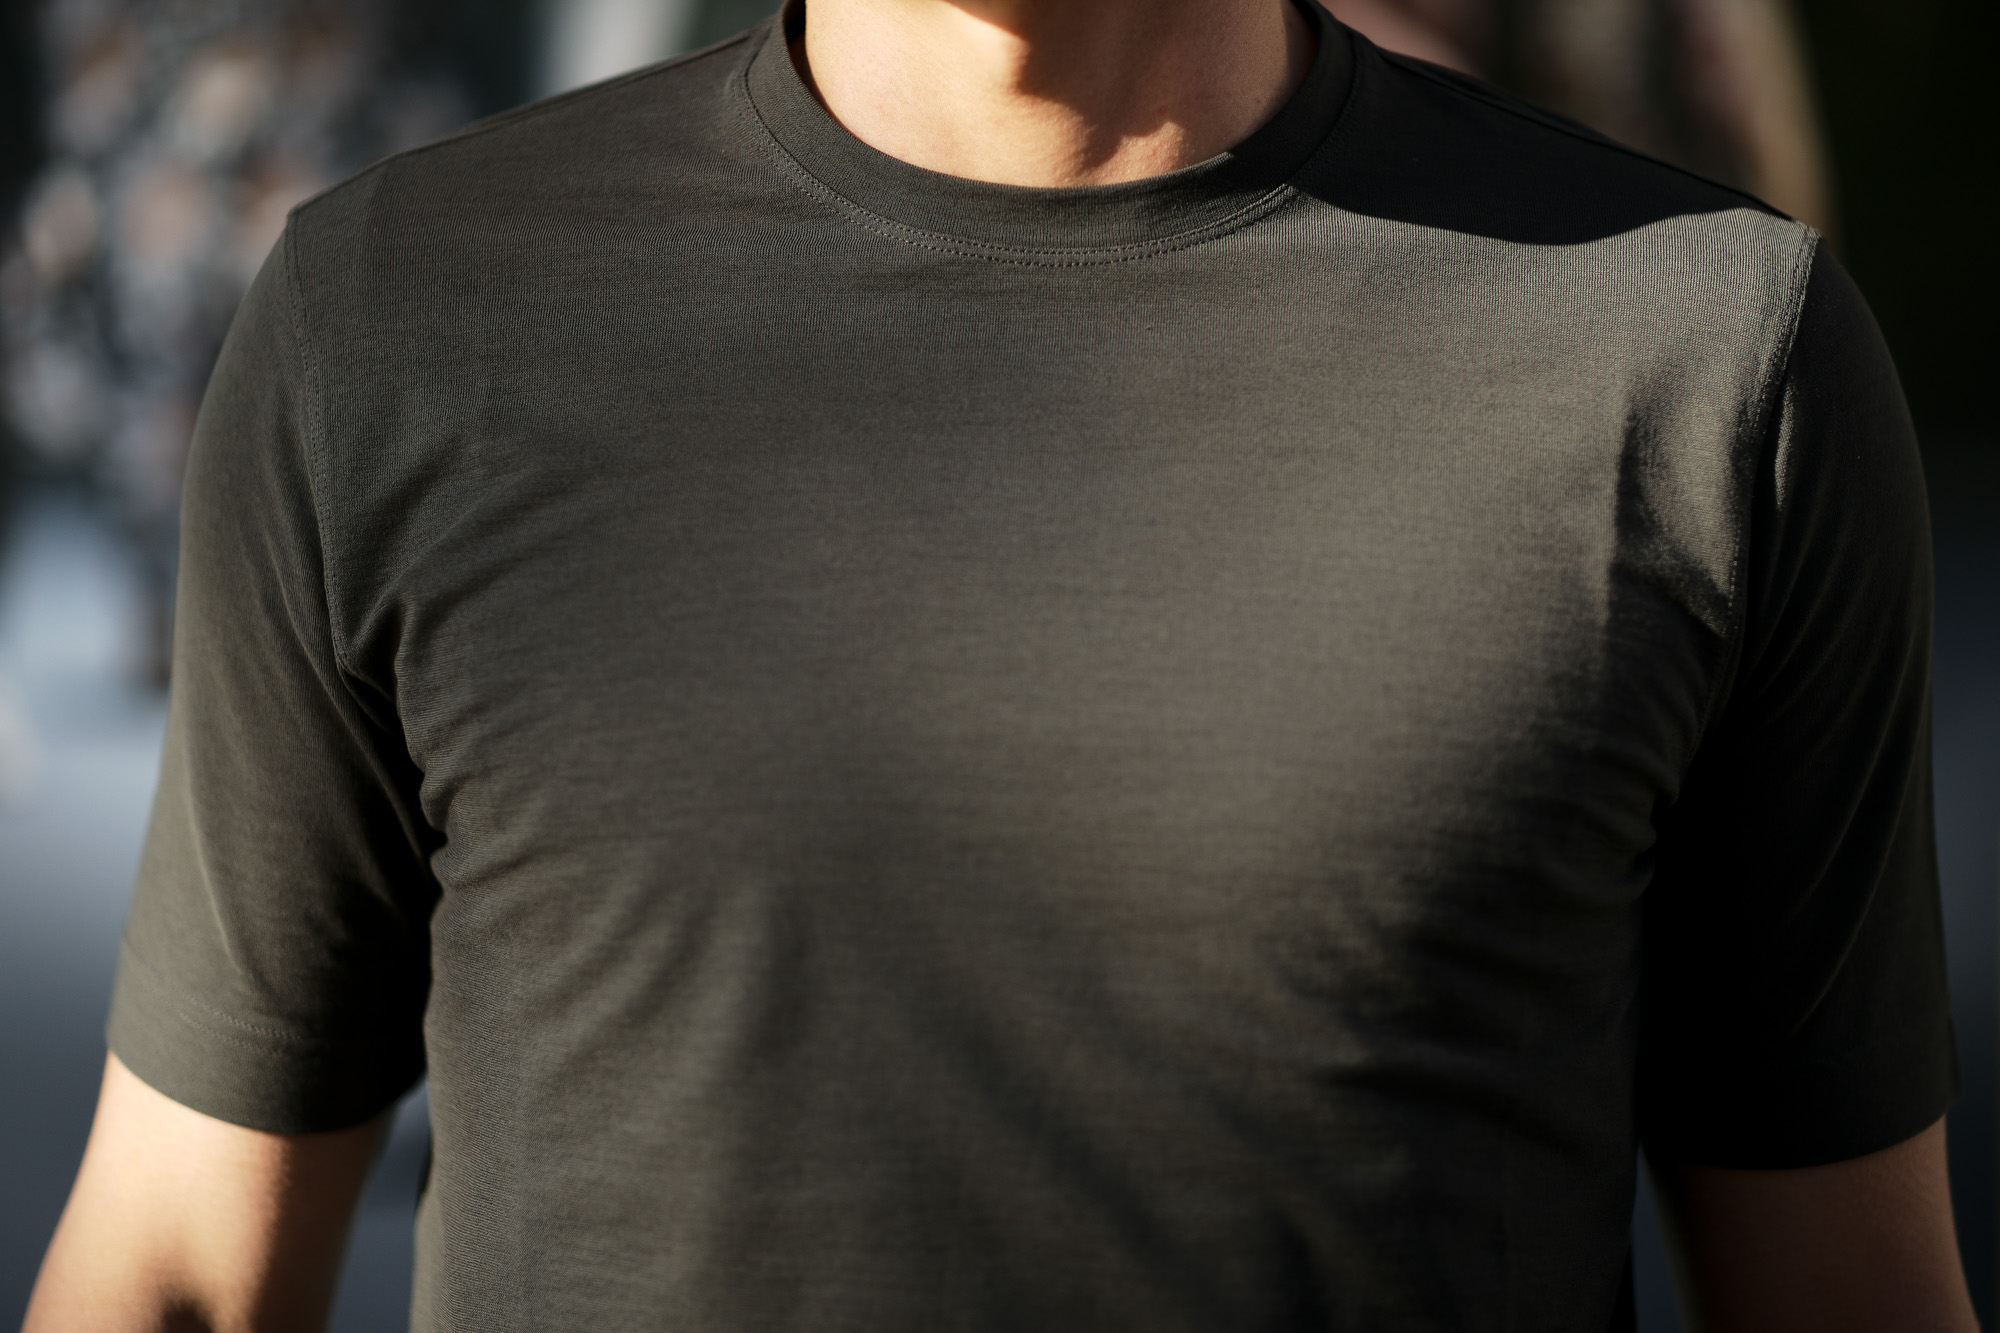 ZANONE(ザノーネ) Crew Neck T-shirt (クルーネックTシャツ) ice cotton アイスコットン Tシャツ OLIVE (オリーブ・Z0049) MADE IN ITALY(イタリア製) 2020 春夏 【ご予約受付中】愛知 名古屋 altoediritto アルトエデリット tee 夏Tシャツ